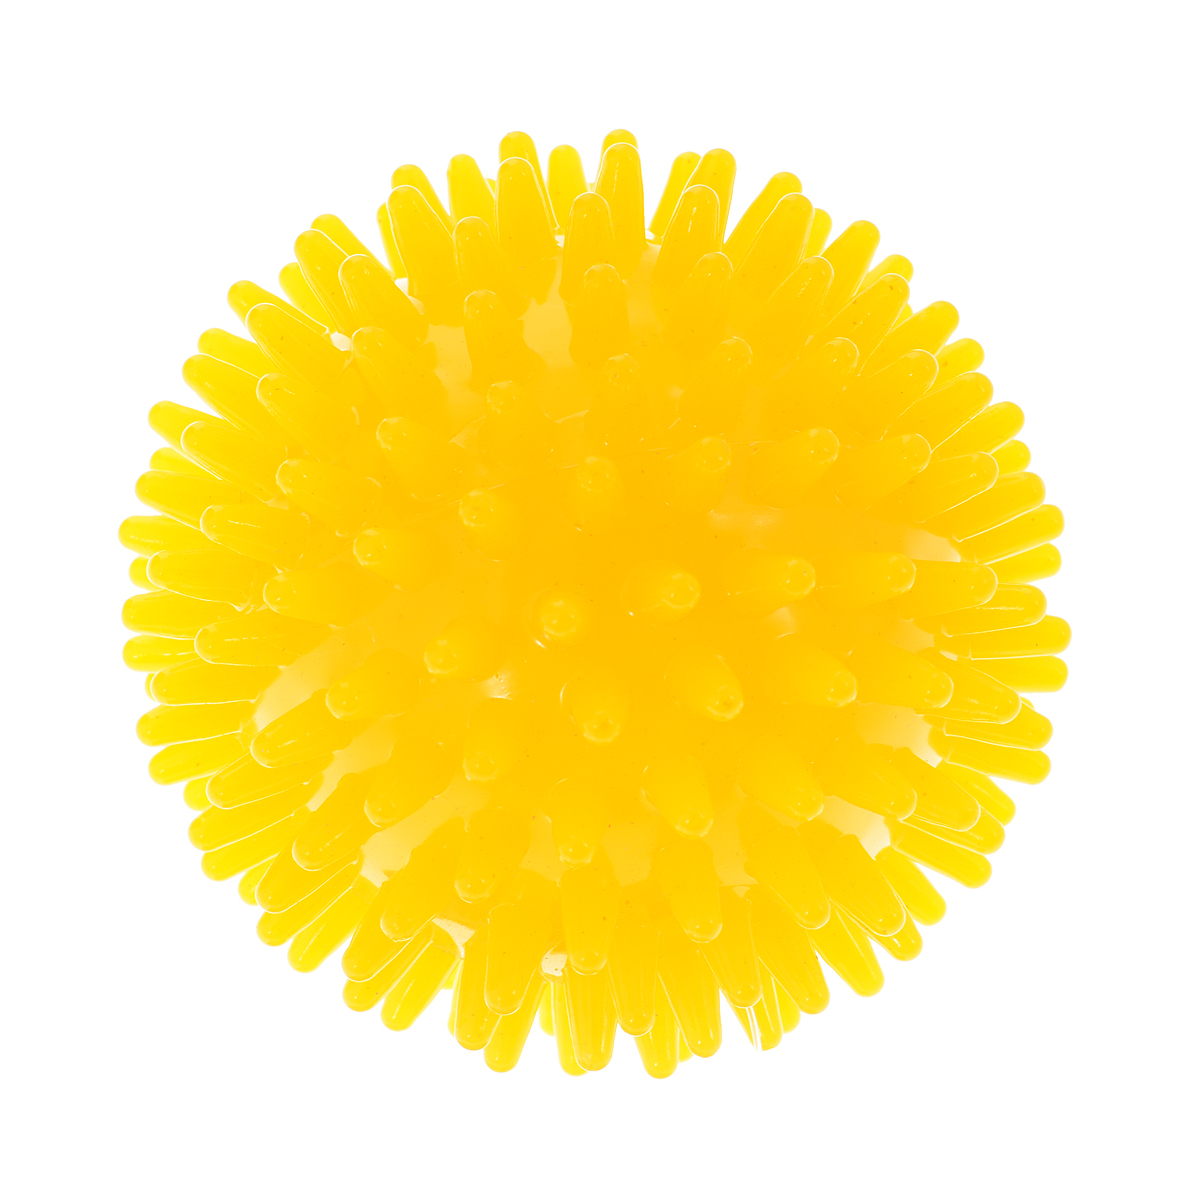 Игрушка для собак V.I.Pet Массажный мяч, цвет: желтый, диаметр 10 смBL11-015-100Игрушка для собак V.I.Pet Массажный мяч, изготовленная из ПВХ, предназначена для массажа и самомассажа рефлексогенных зон. Она имеет мягкие закругленные массажные шипы, эффективно массирующие и не травмирующие кожу. Игрушка не позволит скучать вашему питомцу ни дома, ни на улице.Диаметр: 10 см.